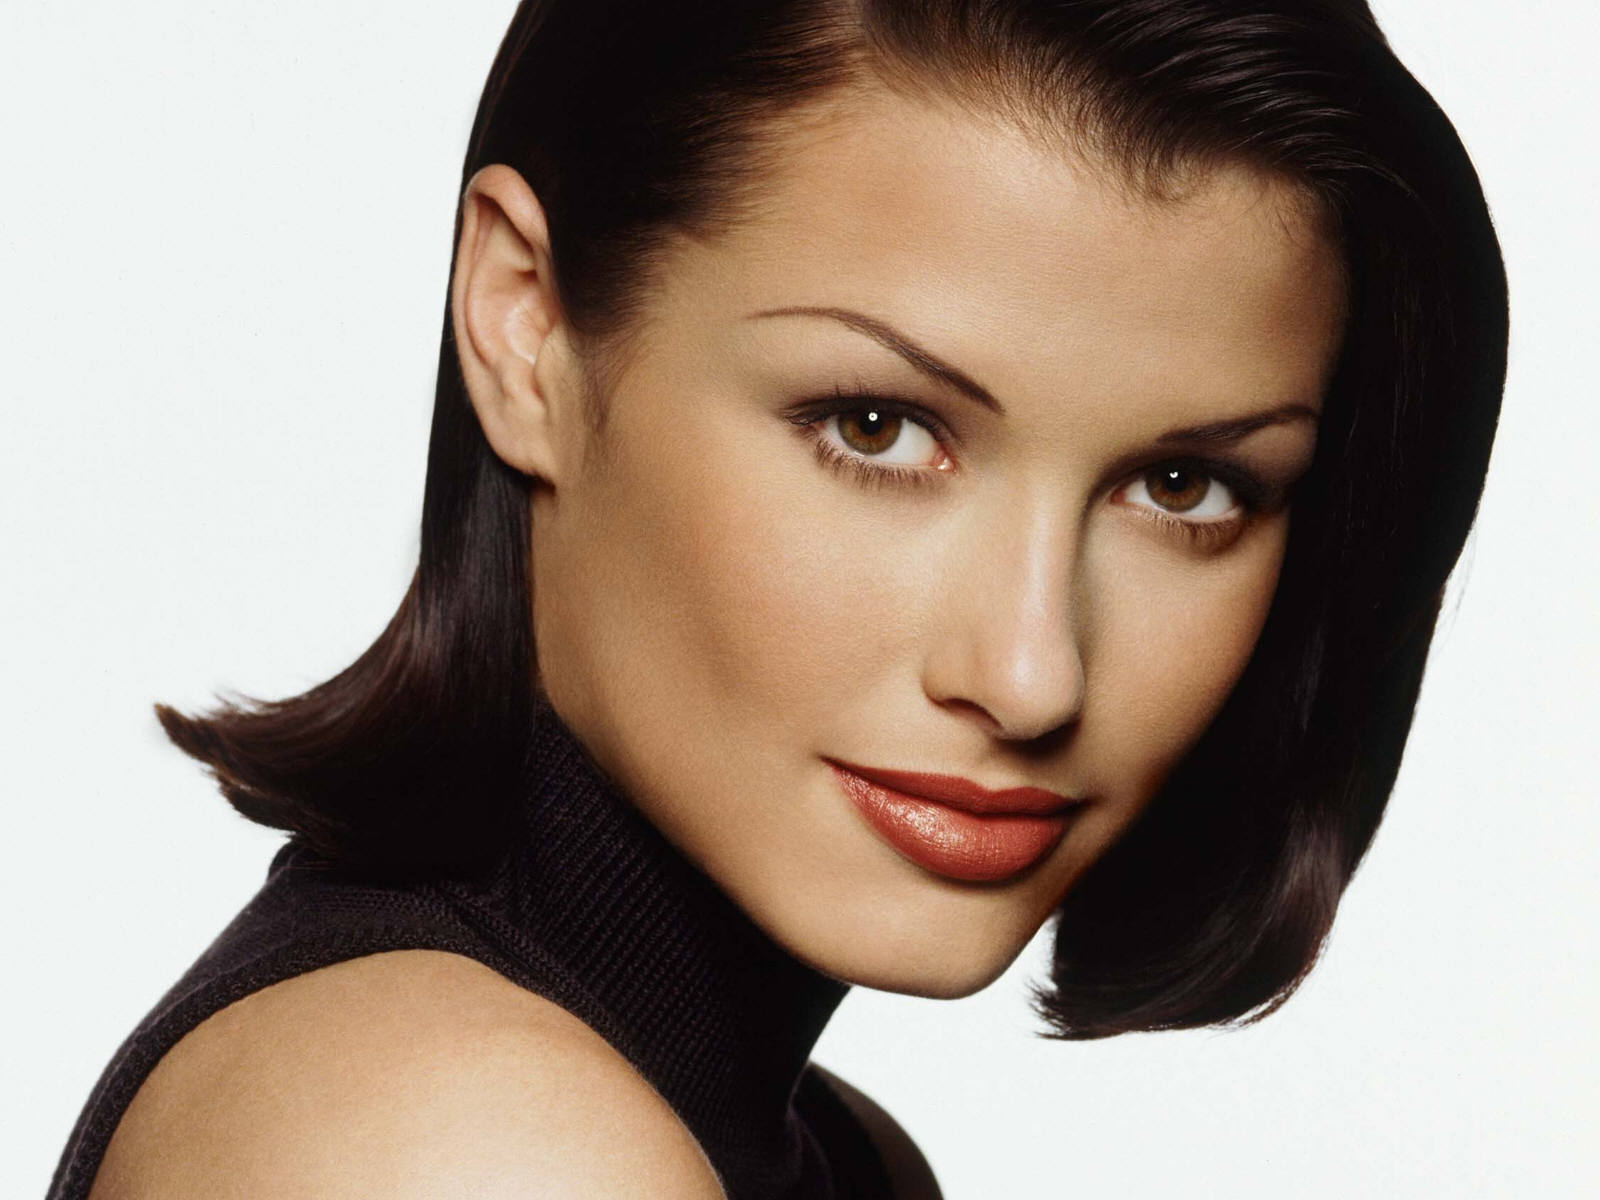 bridget moynahan striking brown eyes sexy actor beautiful brunette model